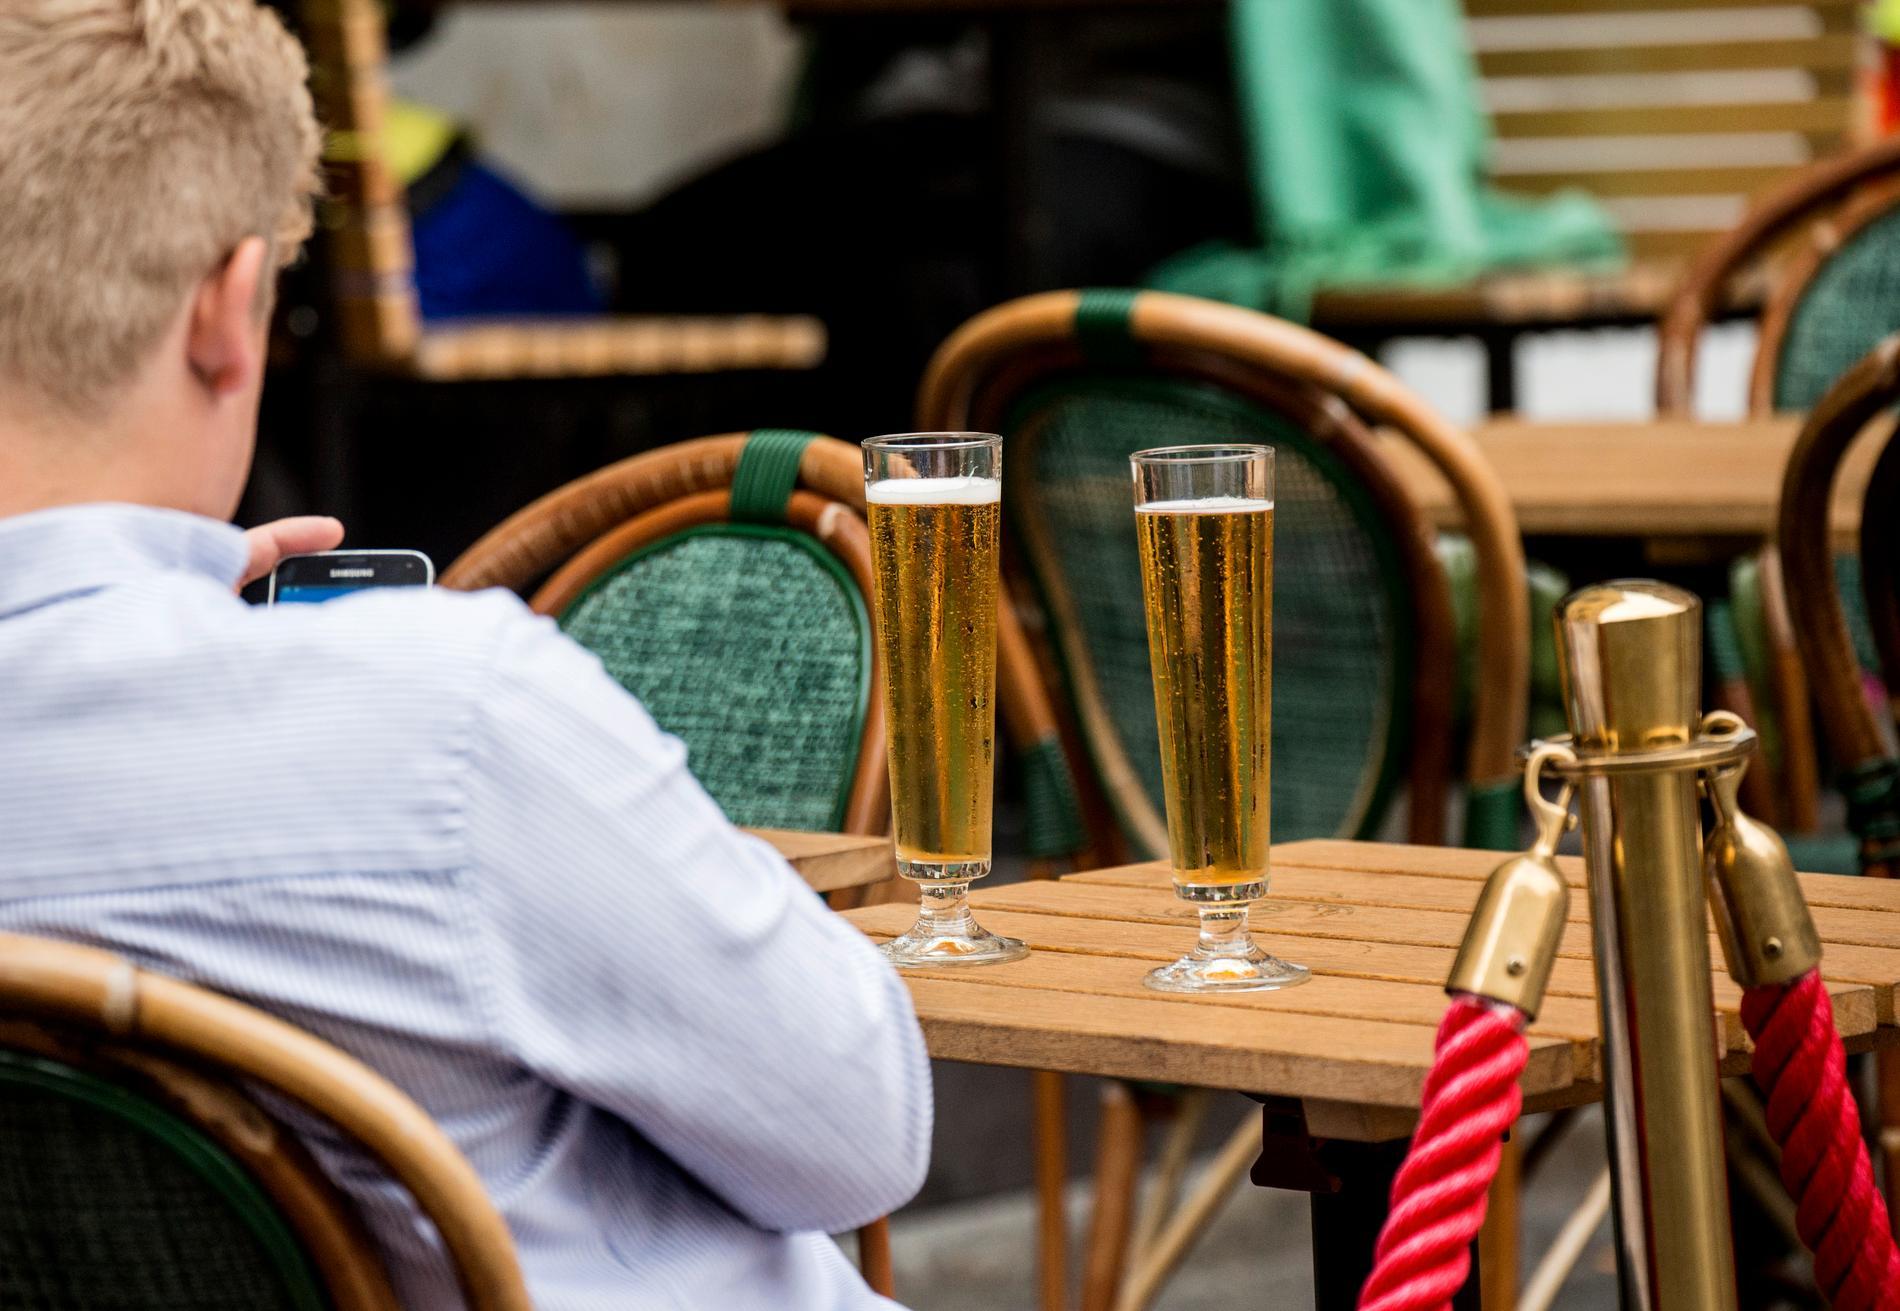 Restaurangbesök ses som en riskfaktor när människor börjar utmana restriktionerna.